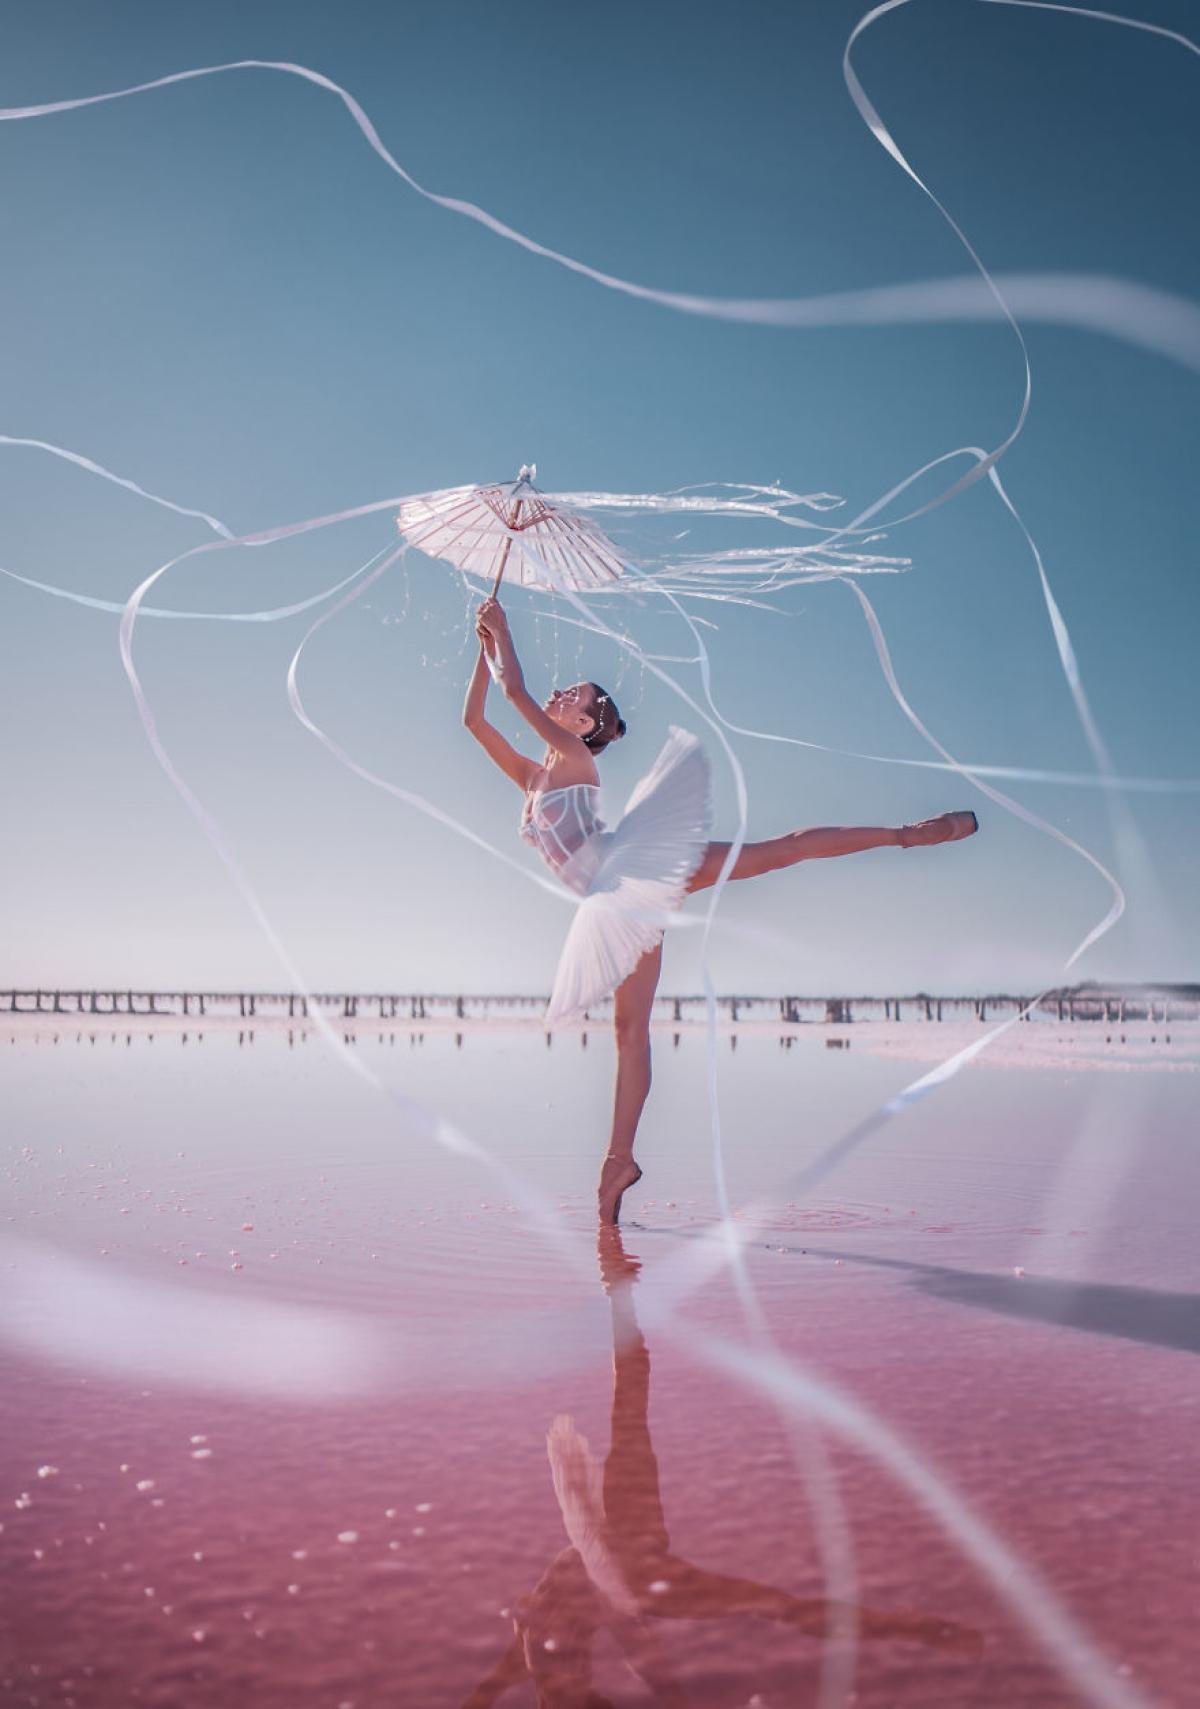 Vũ công ballet ở hồ màu hồng.